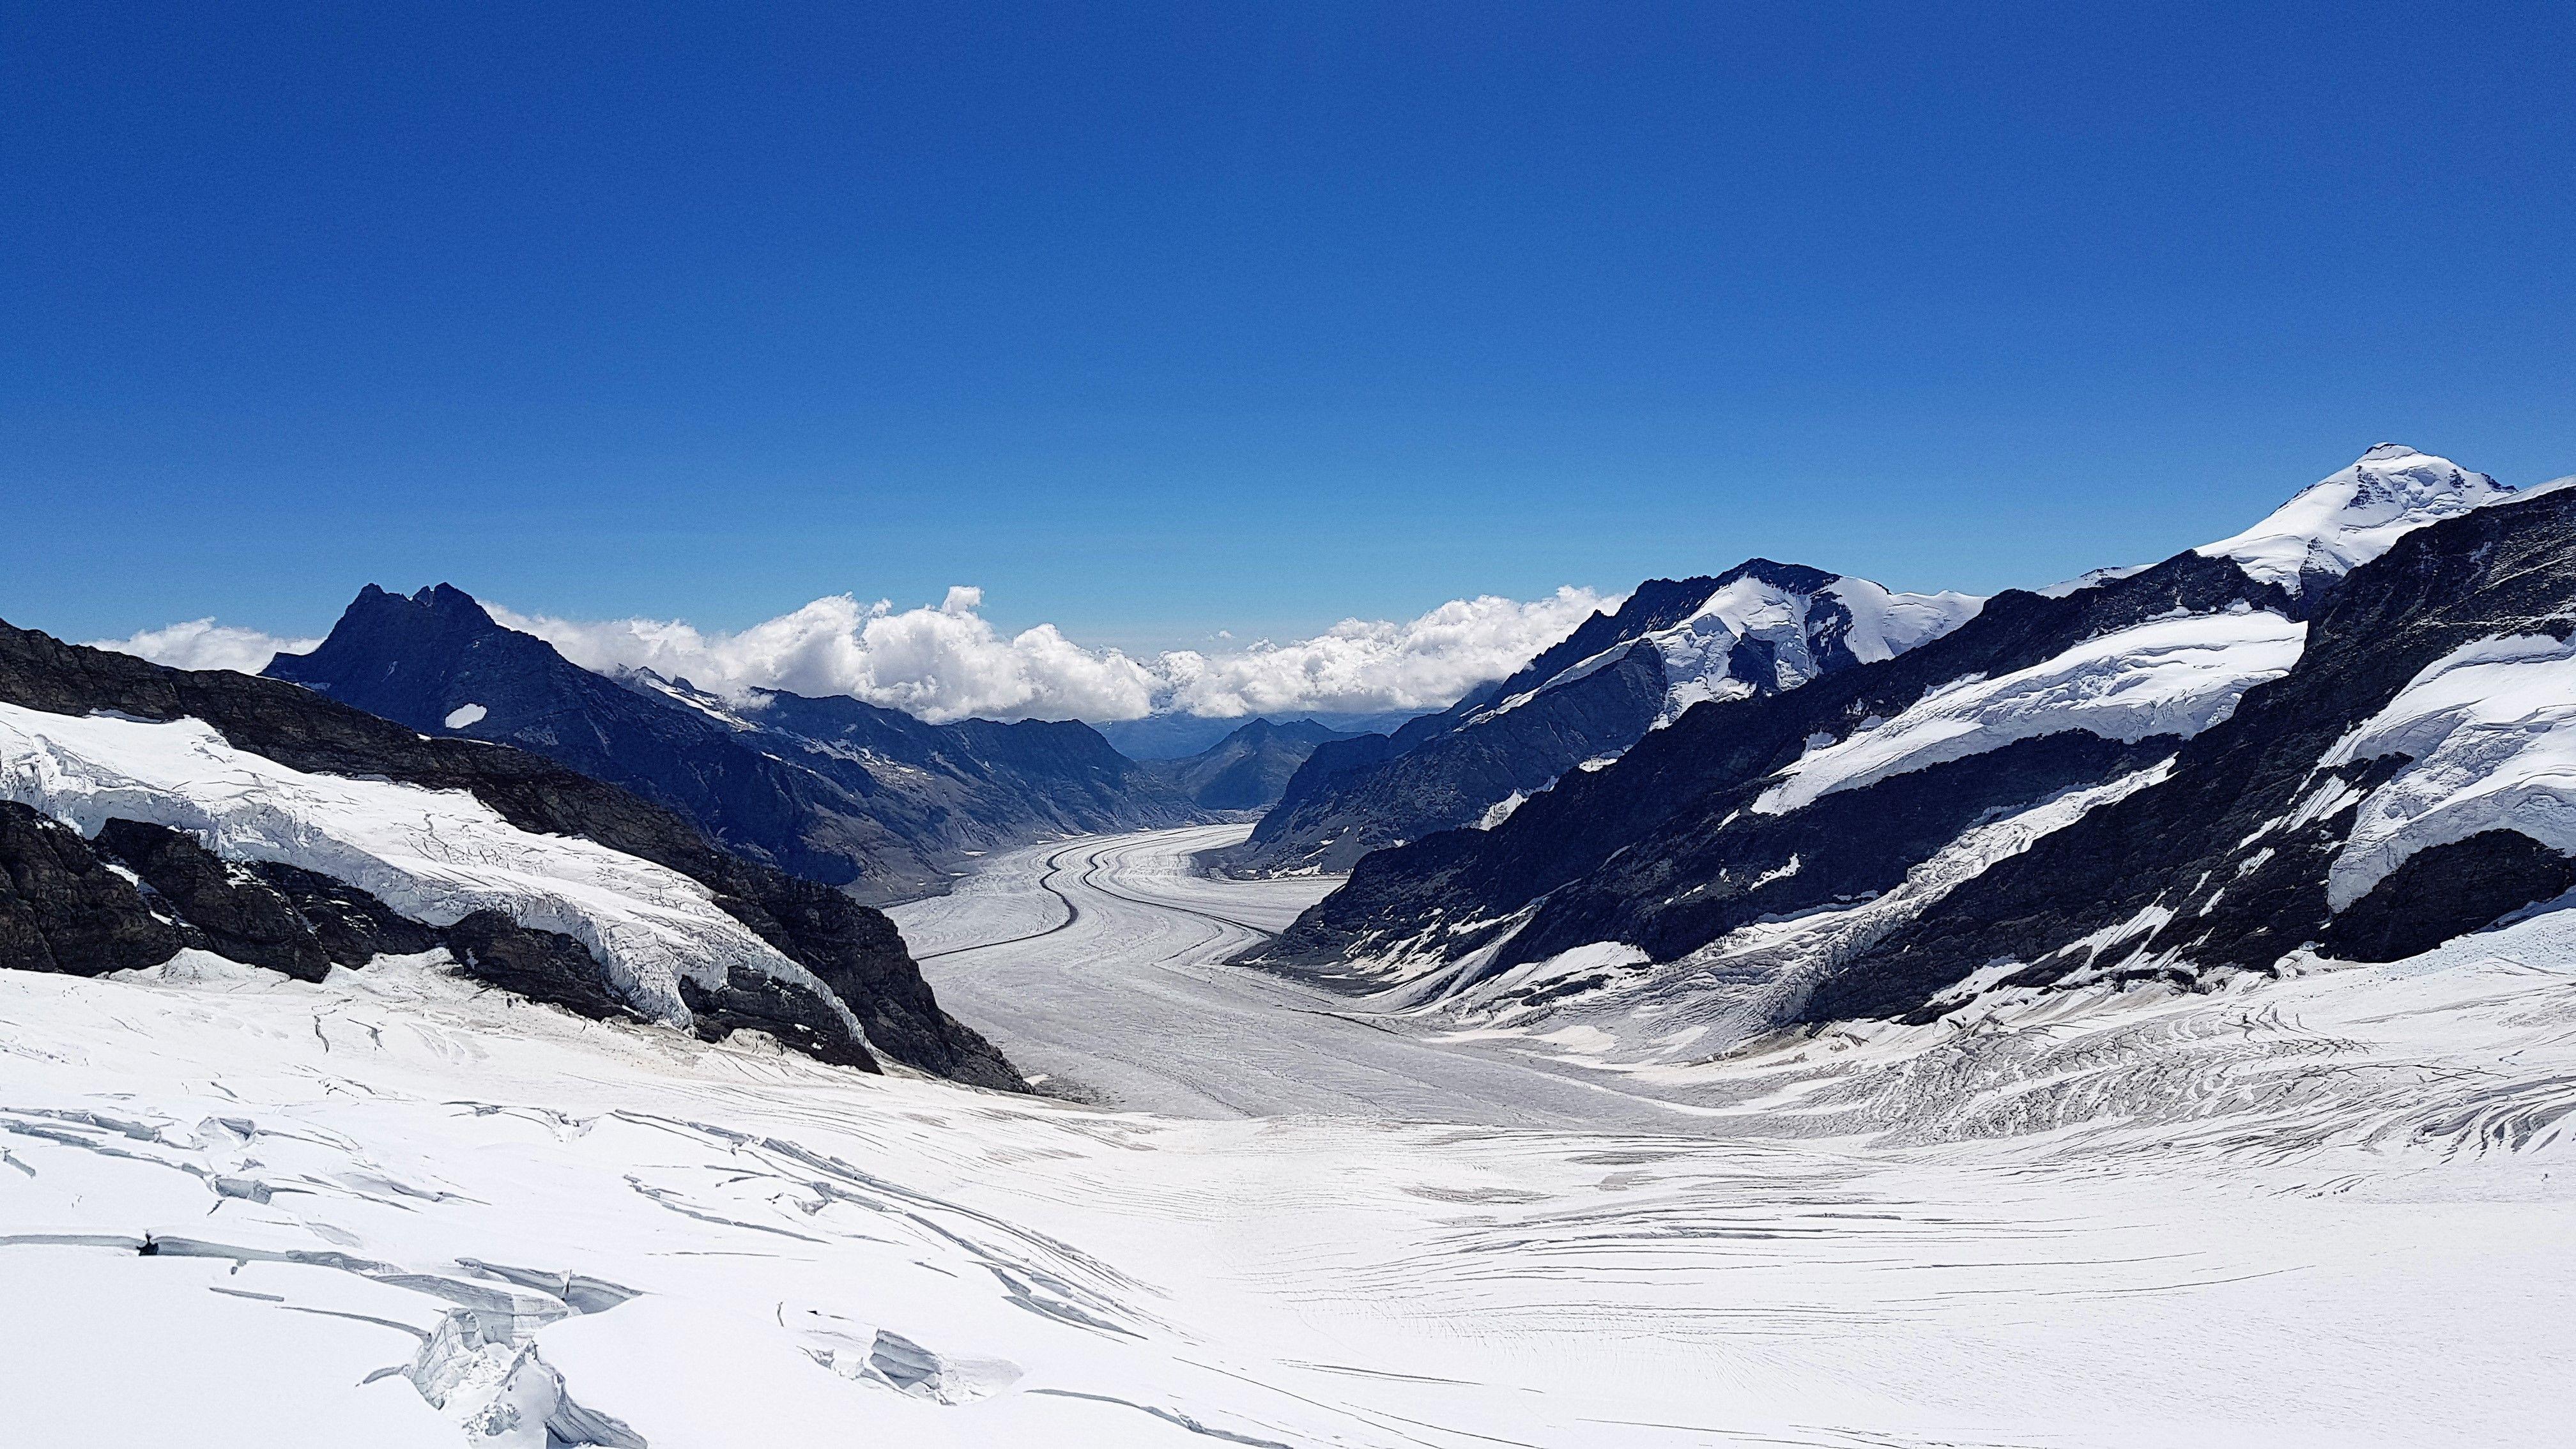 투어 한국인 가이드와 융프라우요흐 Jungfraujoch 등정